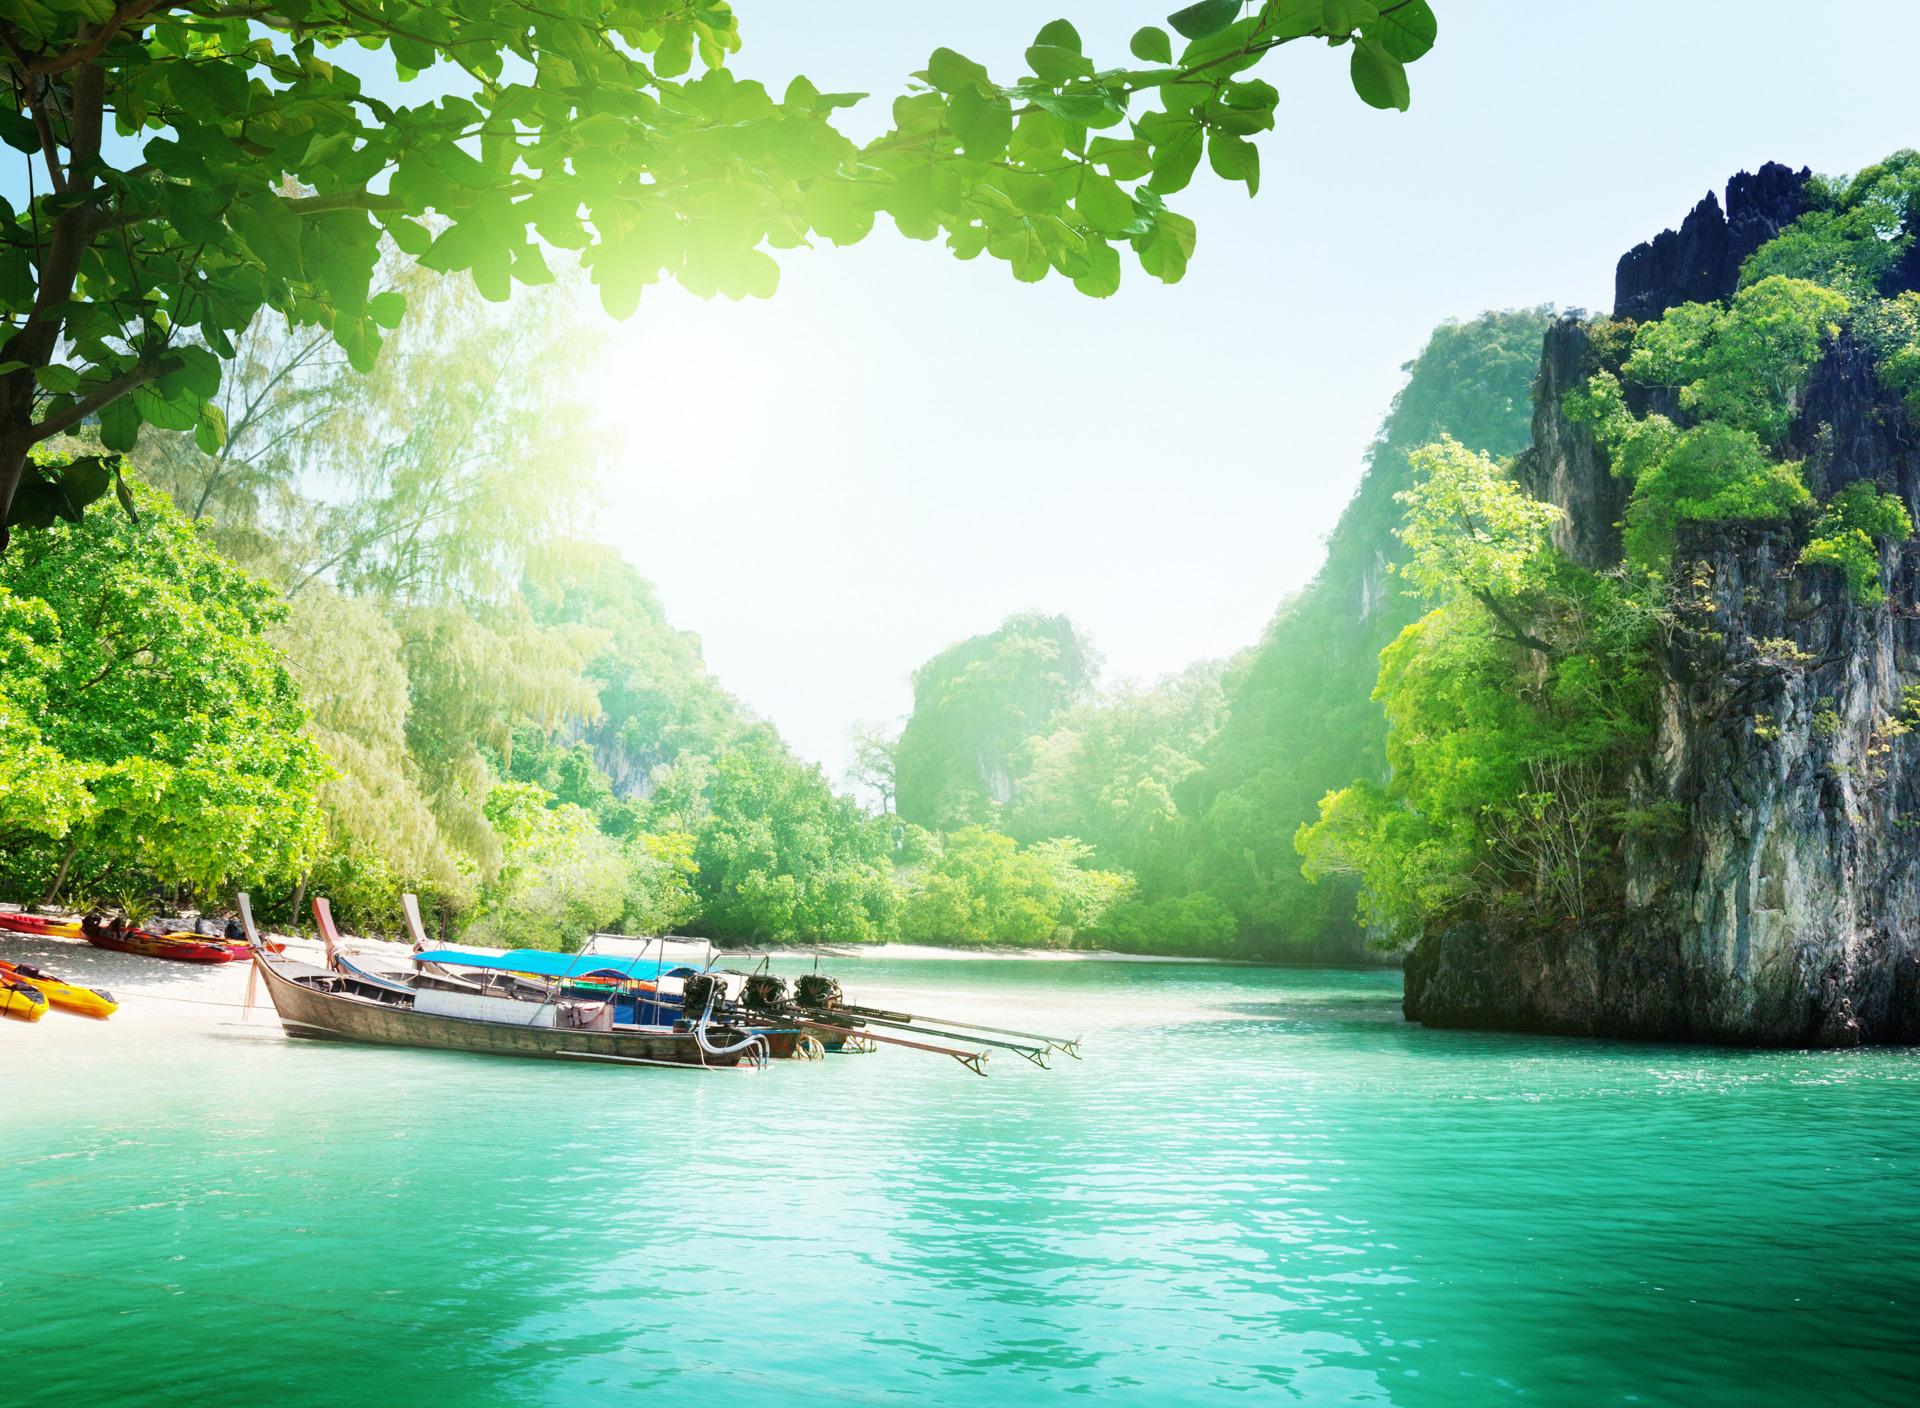 Добрым, картинки про тайланд